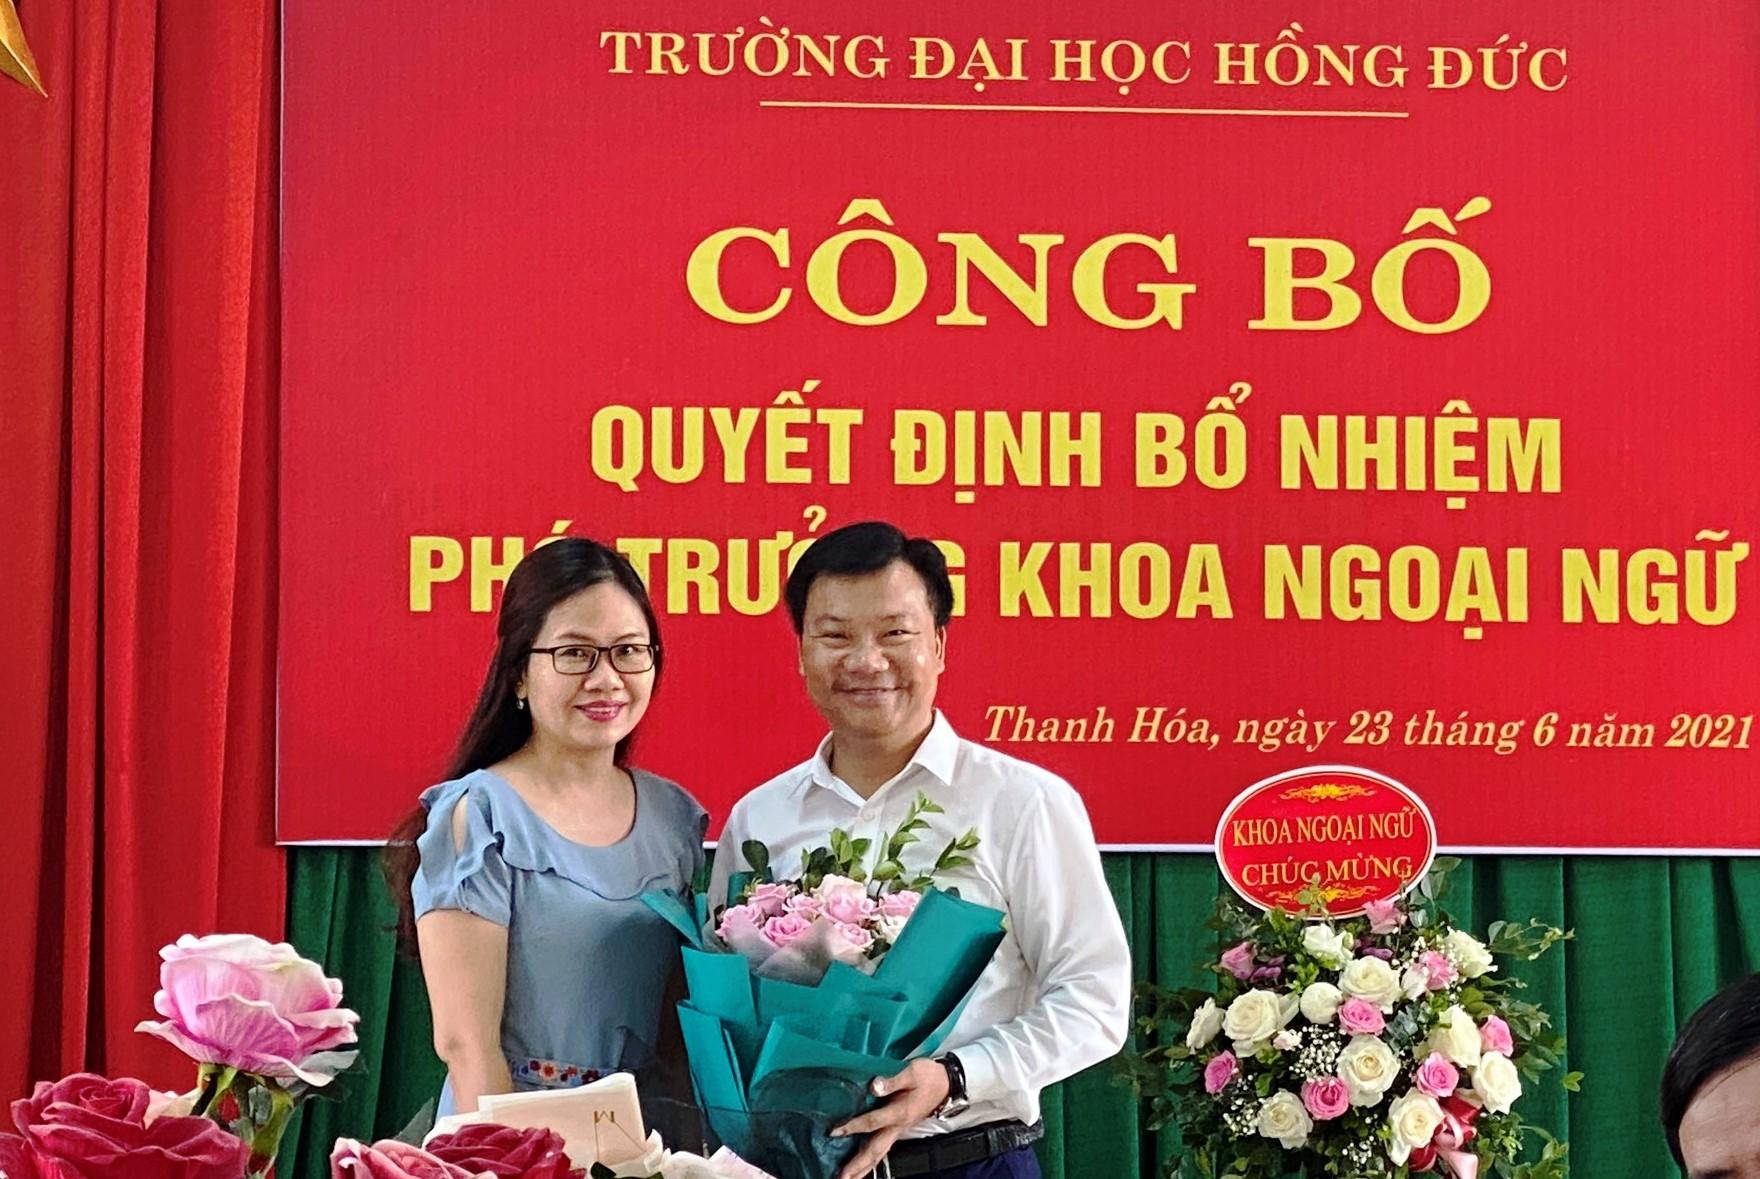 Media/2005_knn.hdu.edu.vn/FolderFunc/202106/Images/hoa-5-20210625124033-e.jpg